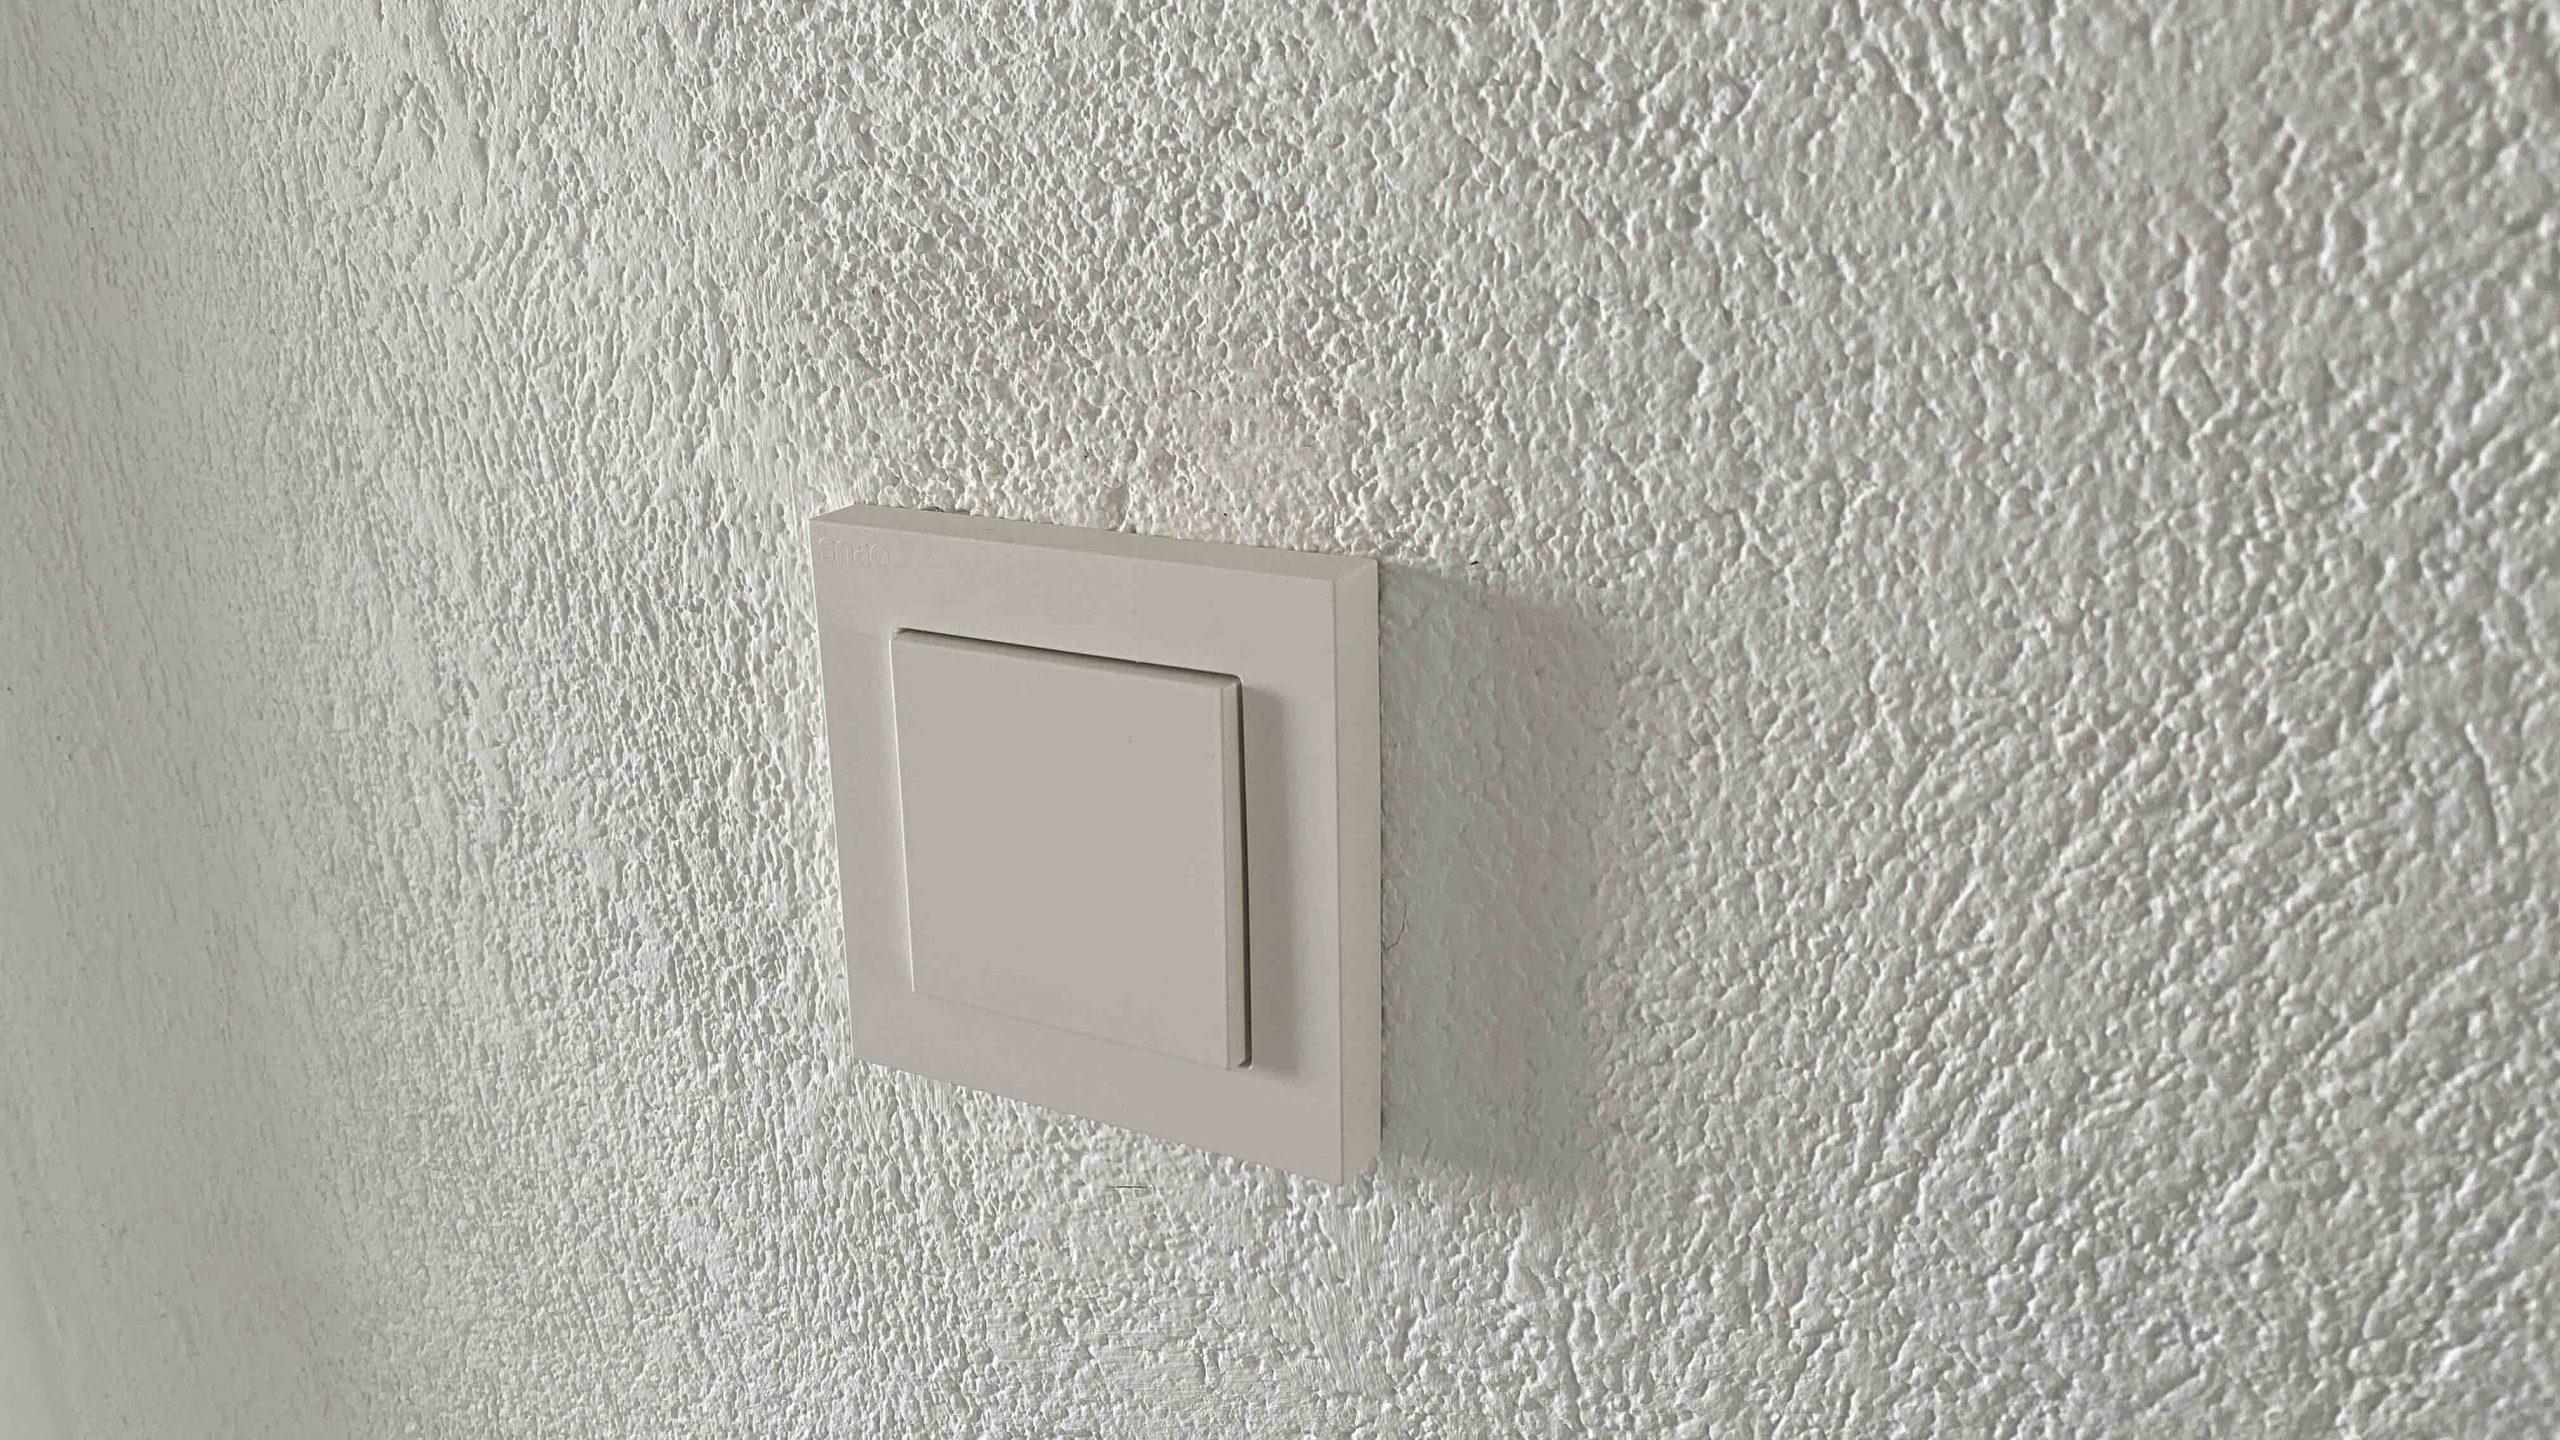 Eve_Light_Swtich_Apple_HomeKit_SmartHome_Schalter4-scaled Eve Light Switch - der ideale Lichtschalter im Apple HomeKit Zuhause